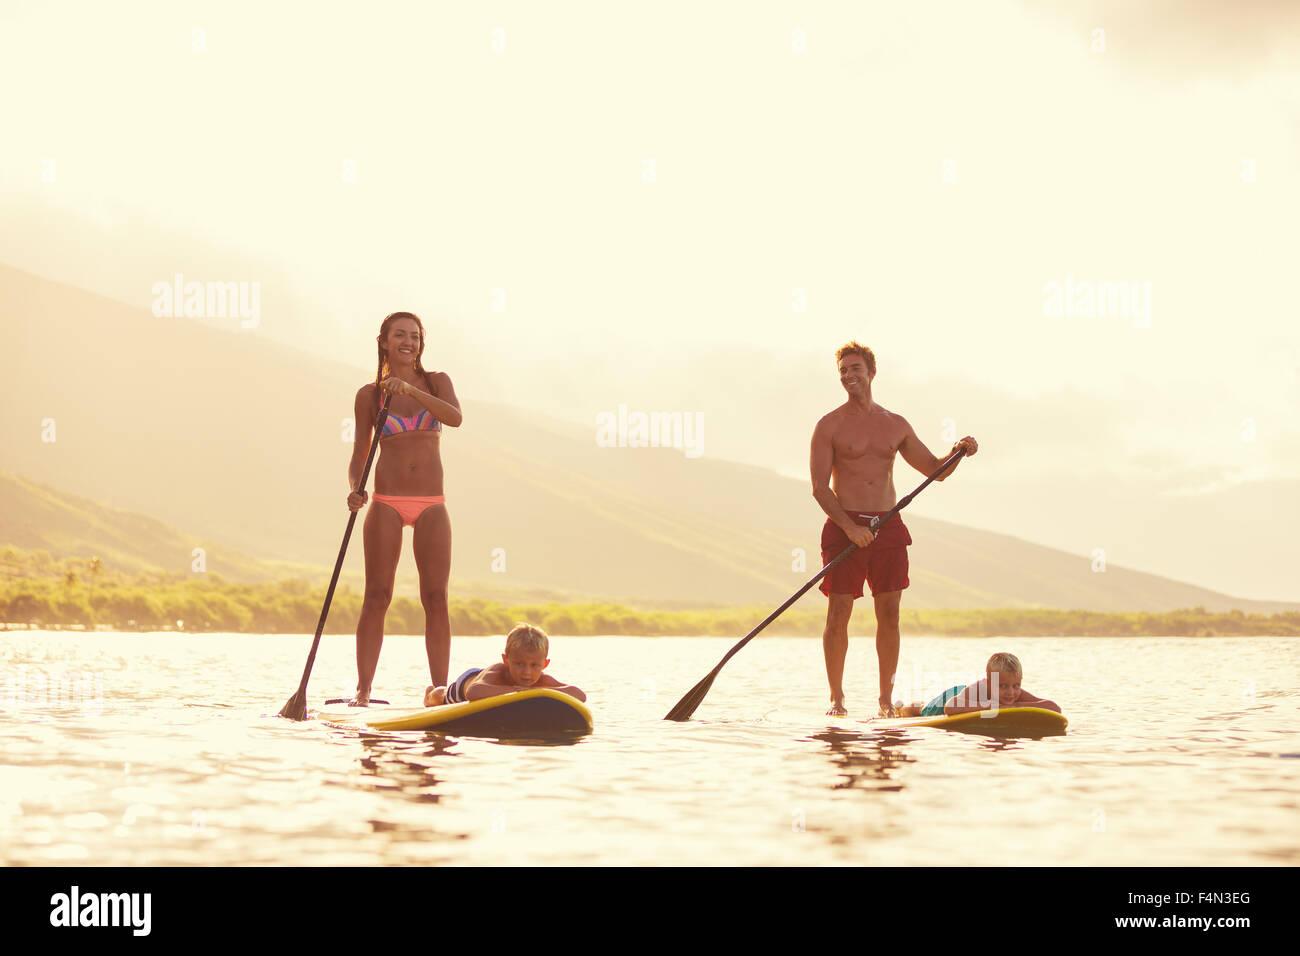 Defender la Familia remando en Sunrise, verano divertido estilo de vida al aire libre Imagen De Stock